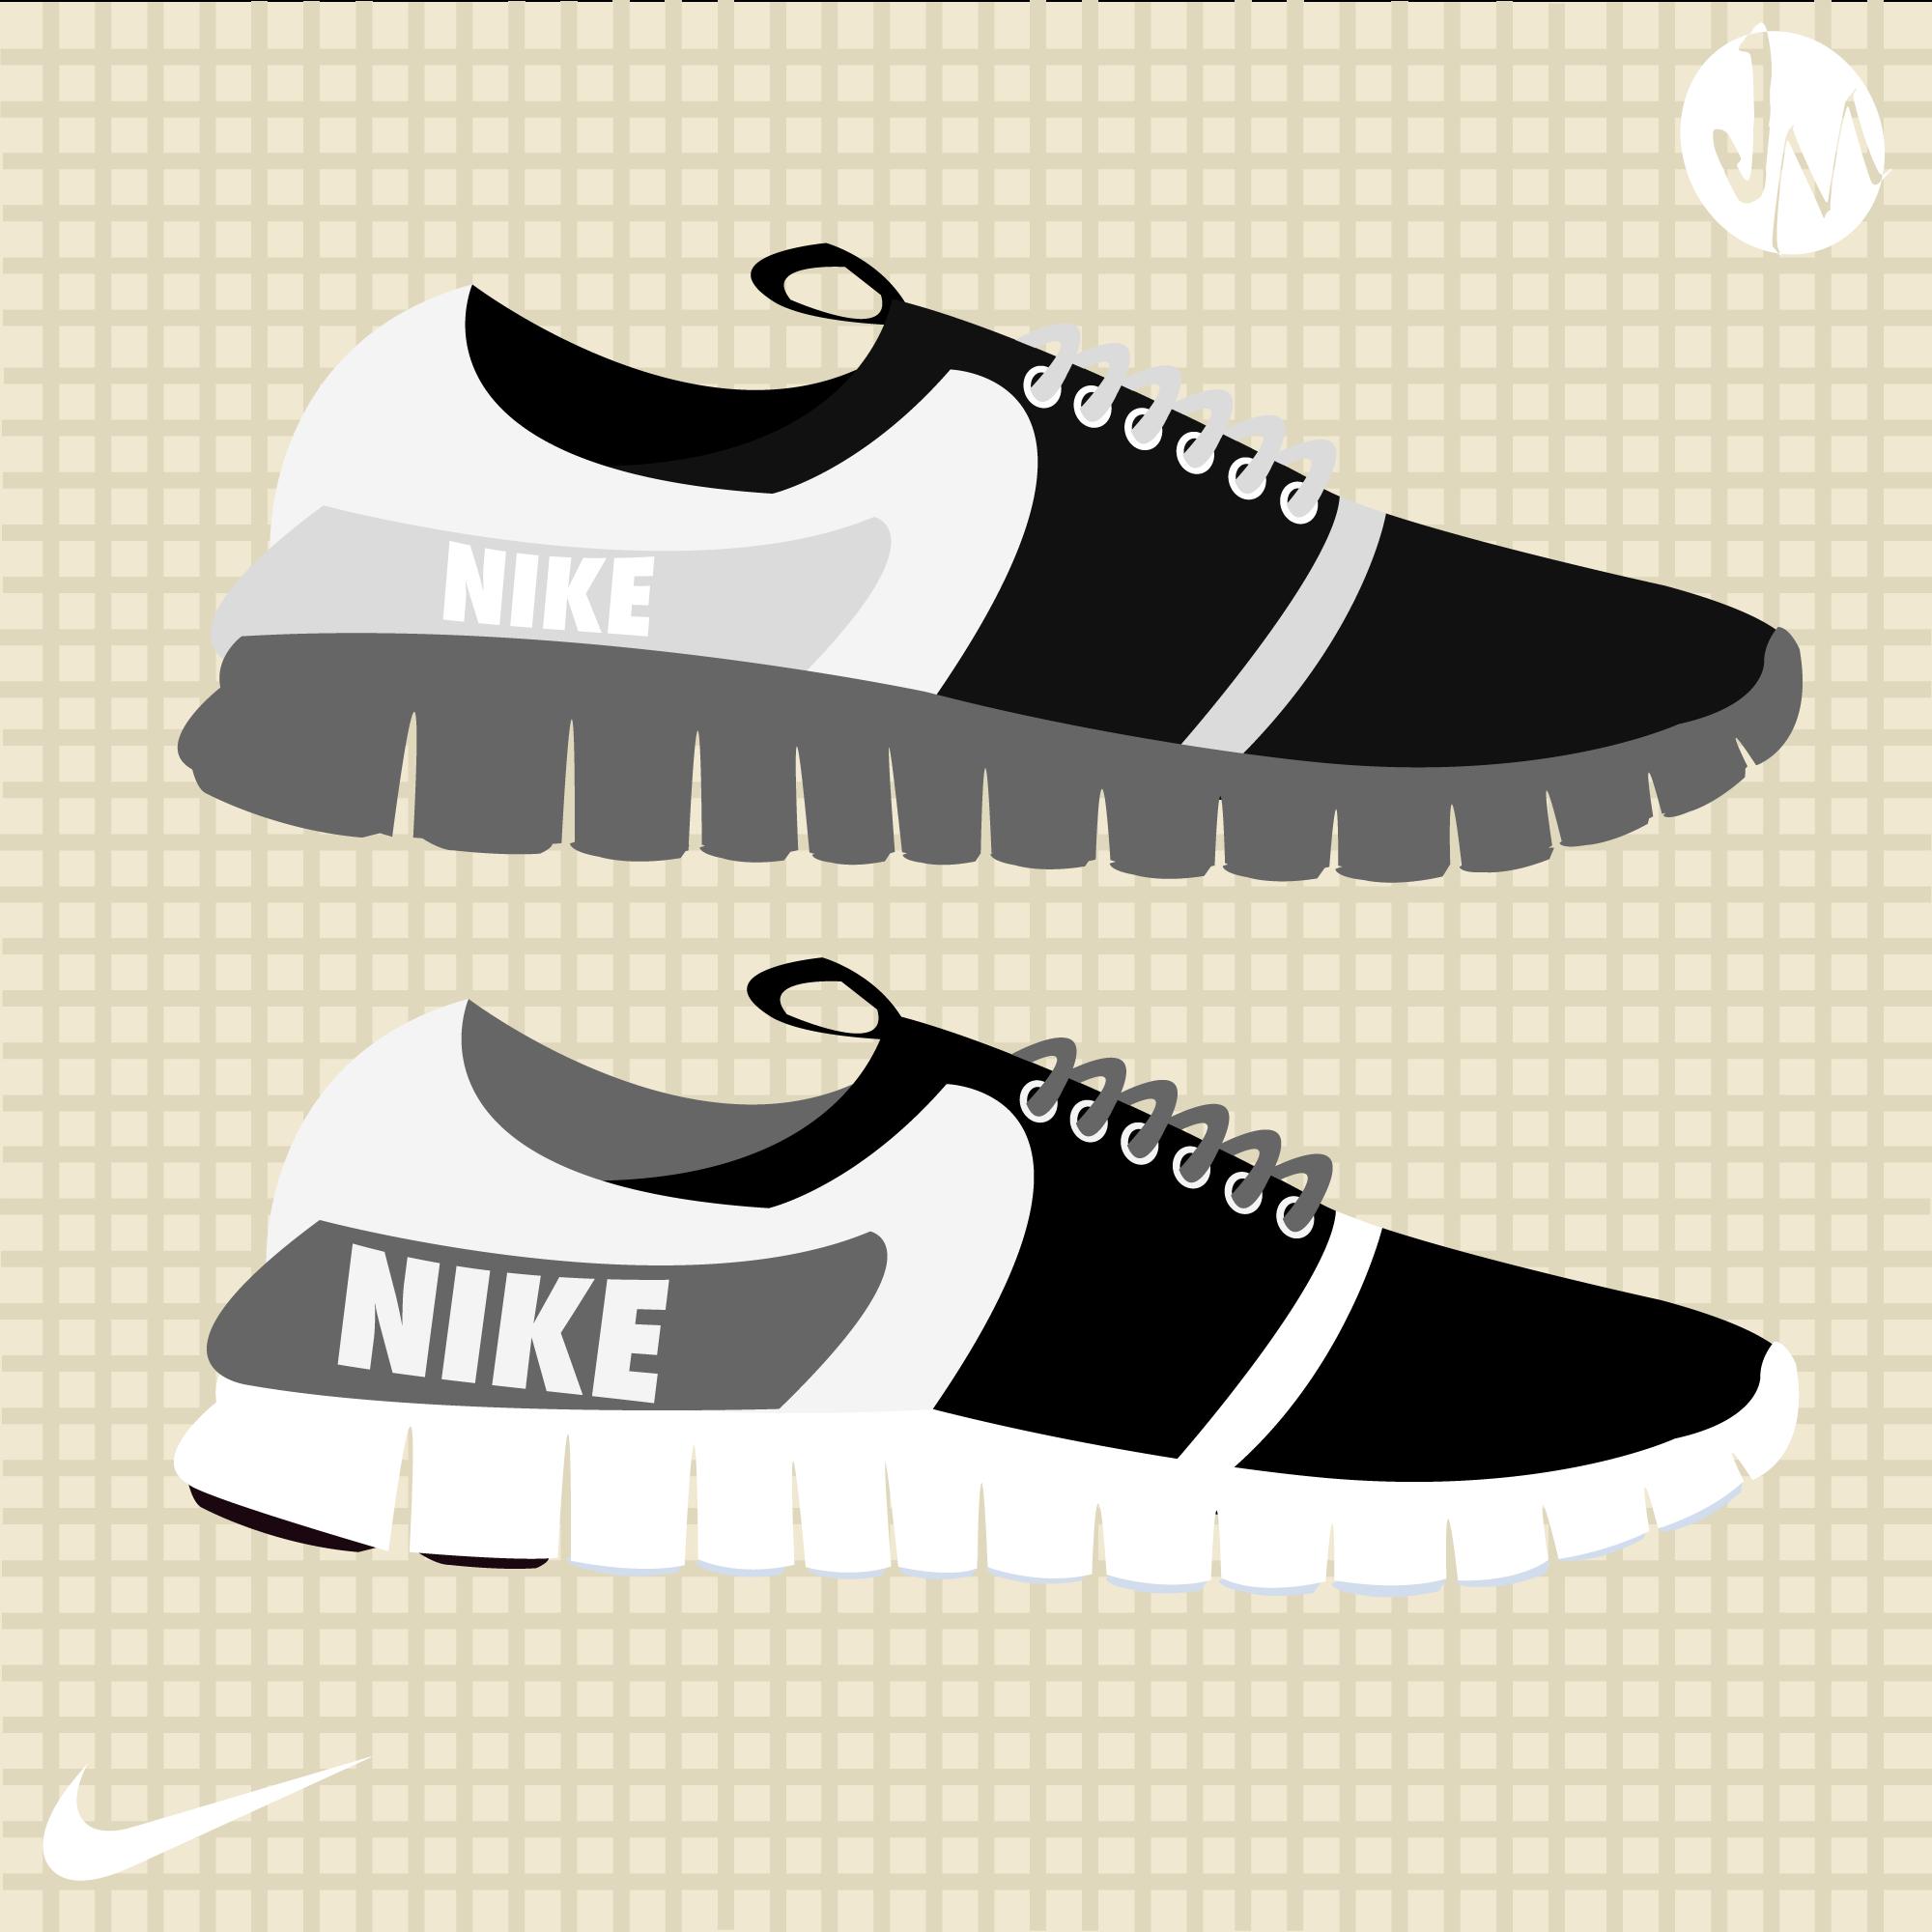 Nike-Free-Huaroshe.png